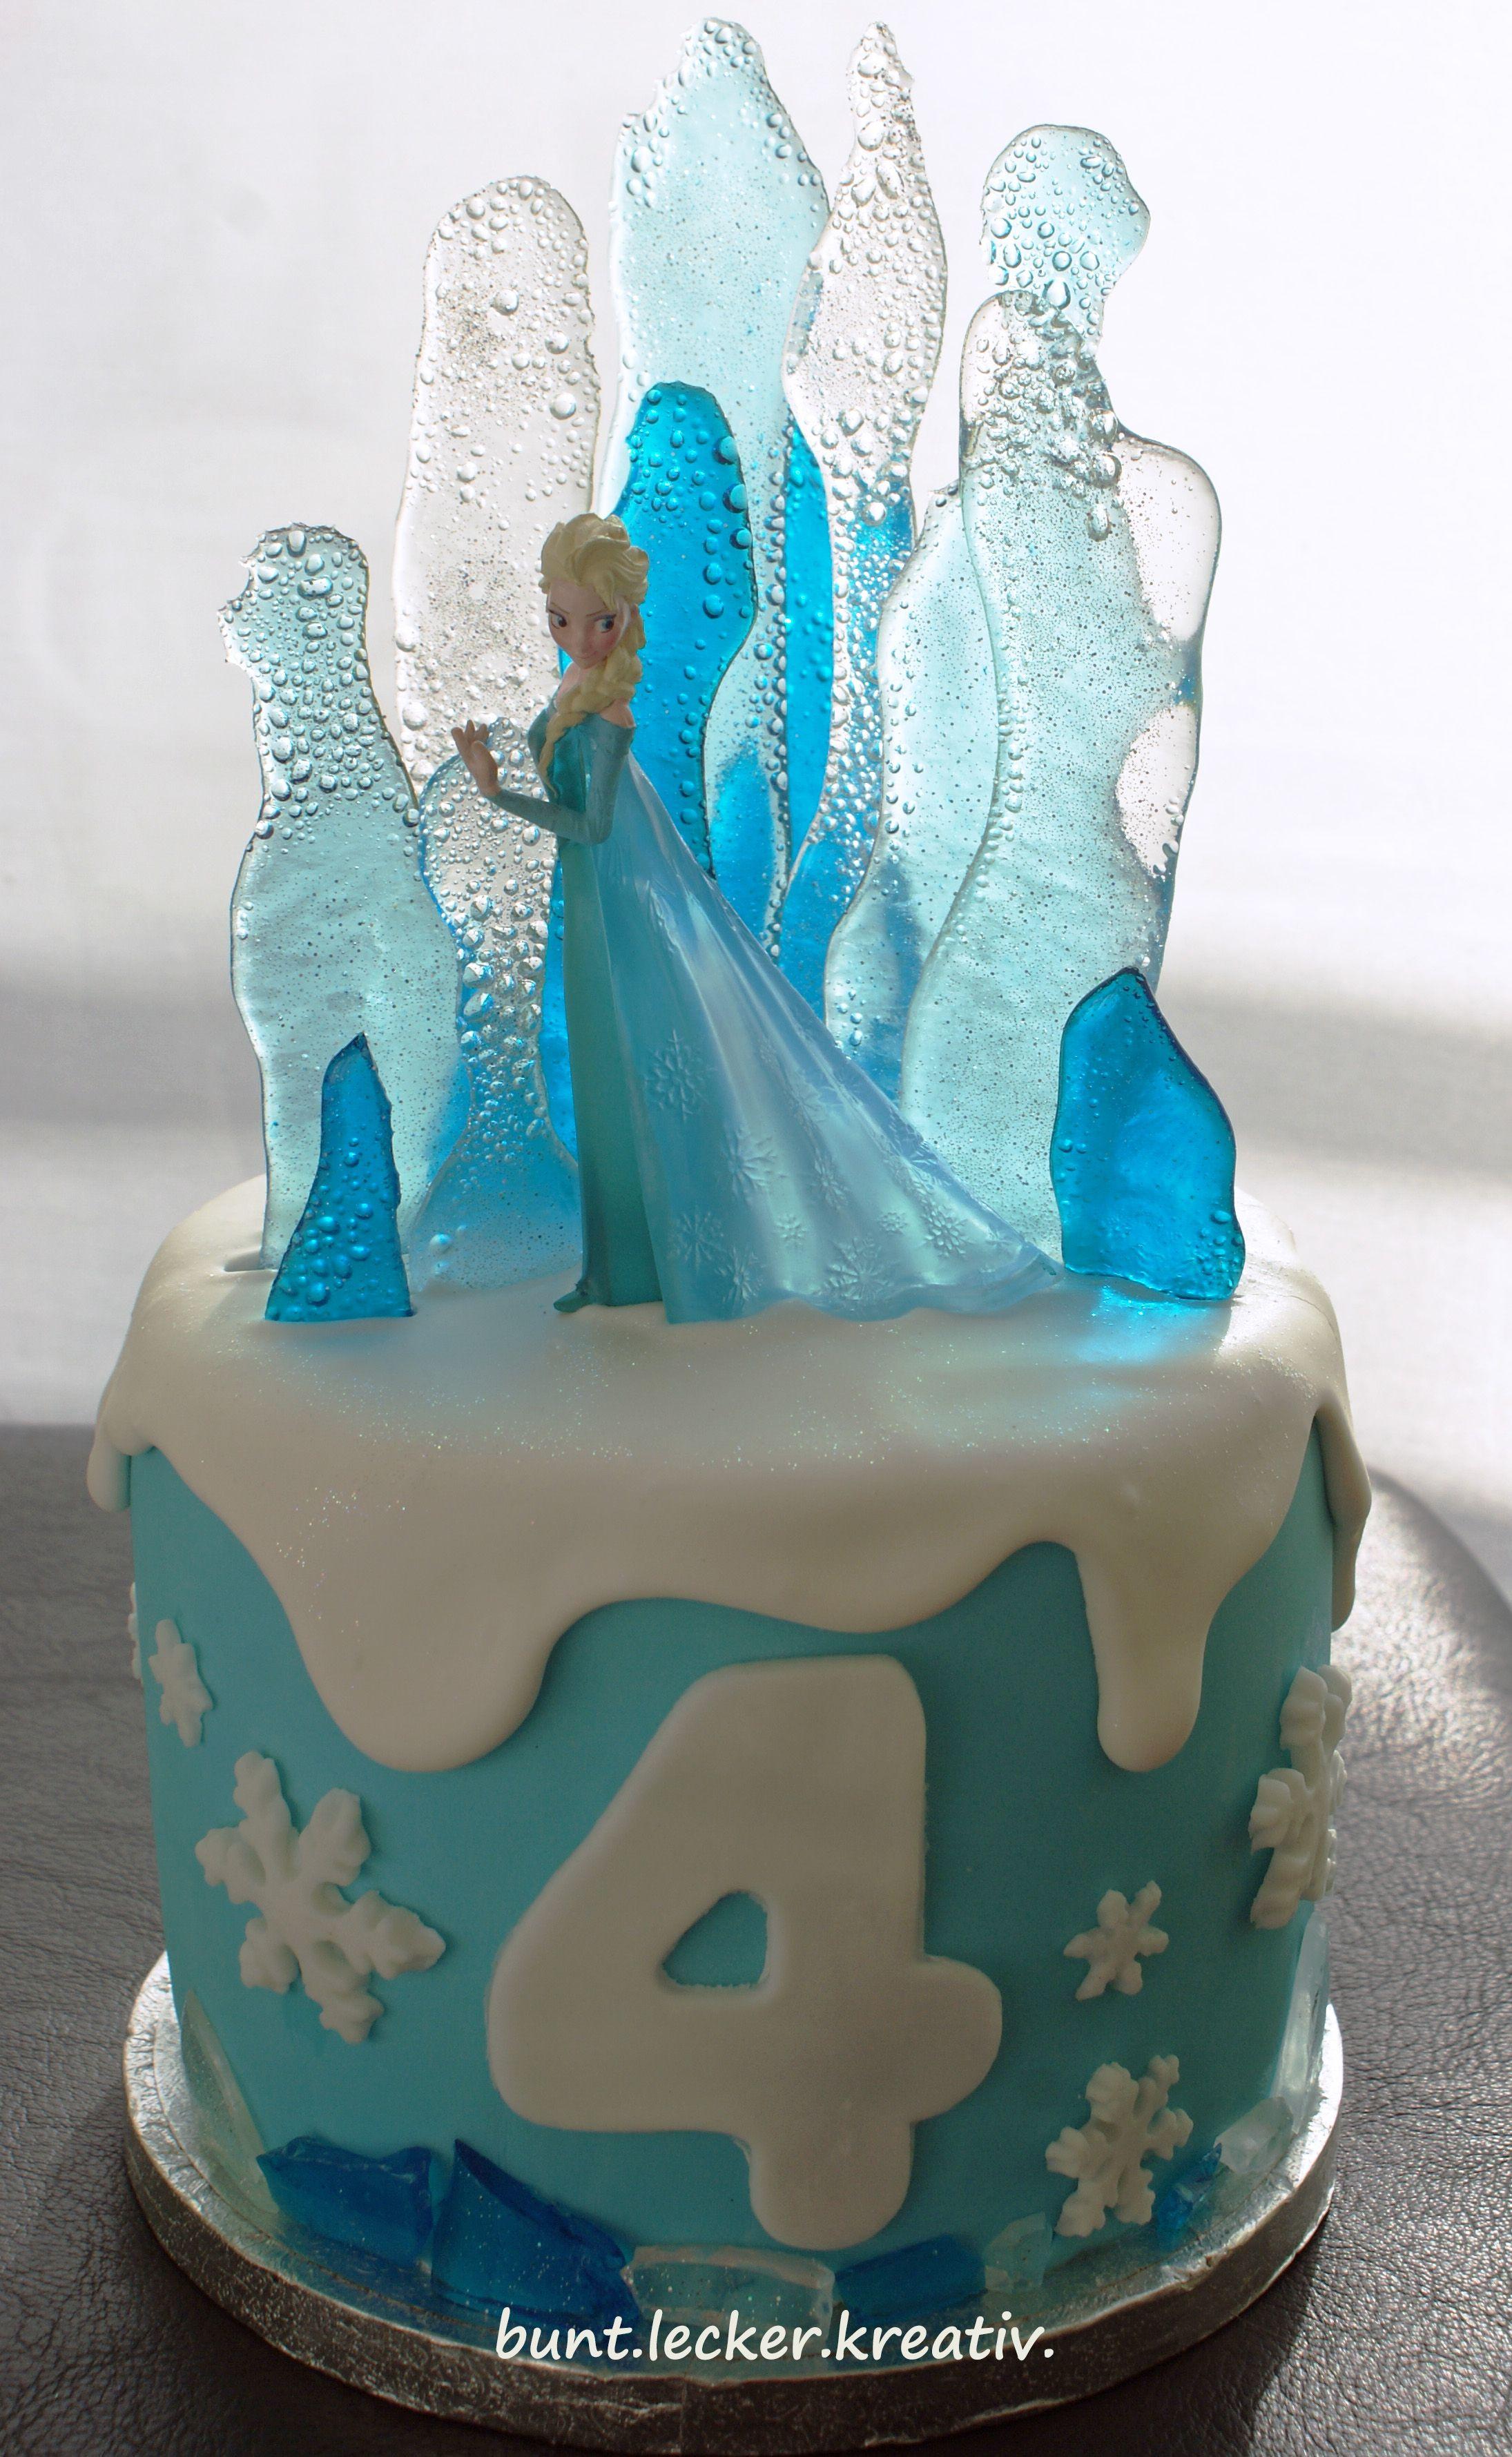 Elsa, die Eiskönigin als Torte ...Elsa from Frozen as a cake ...